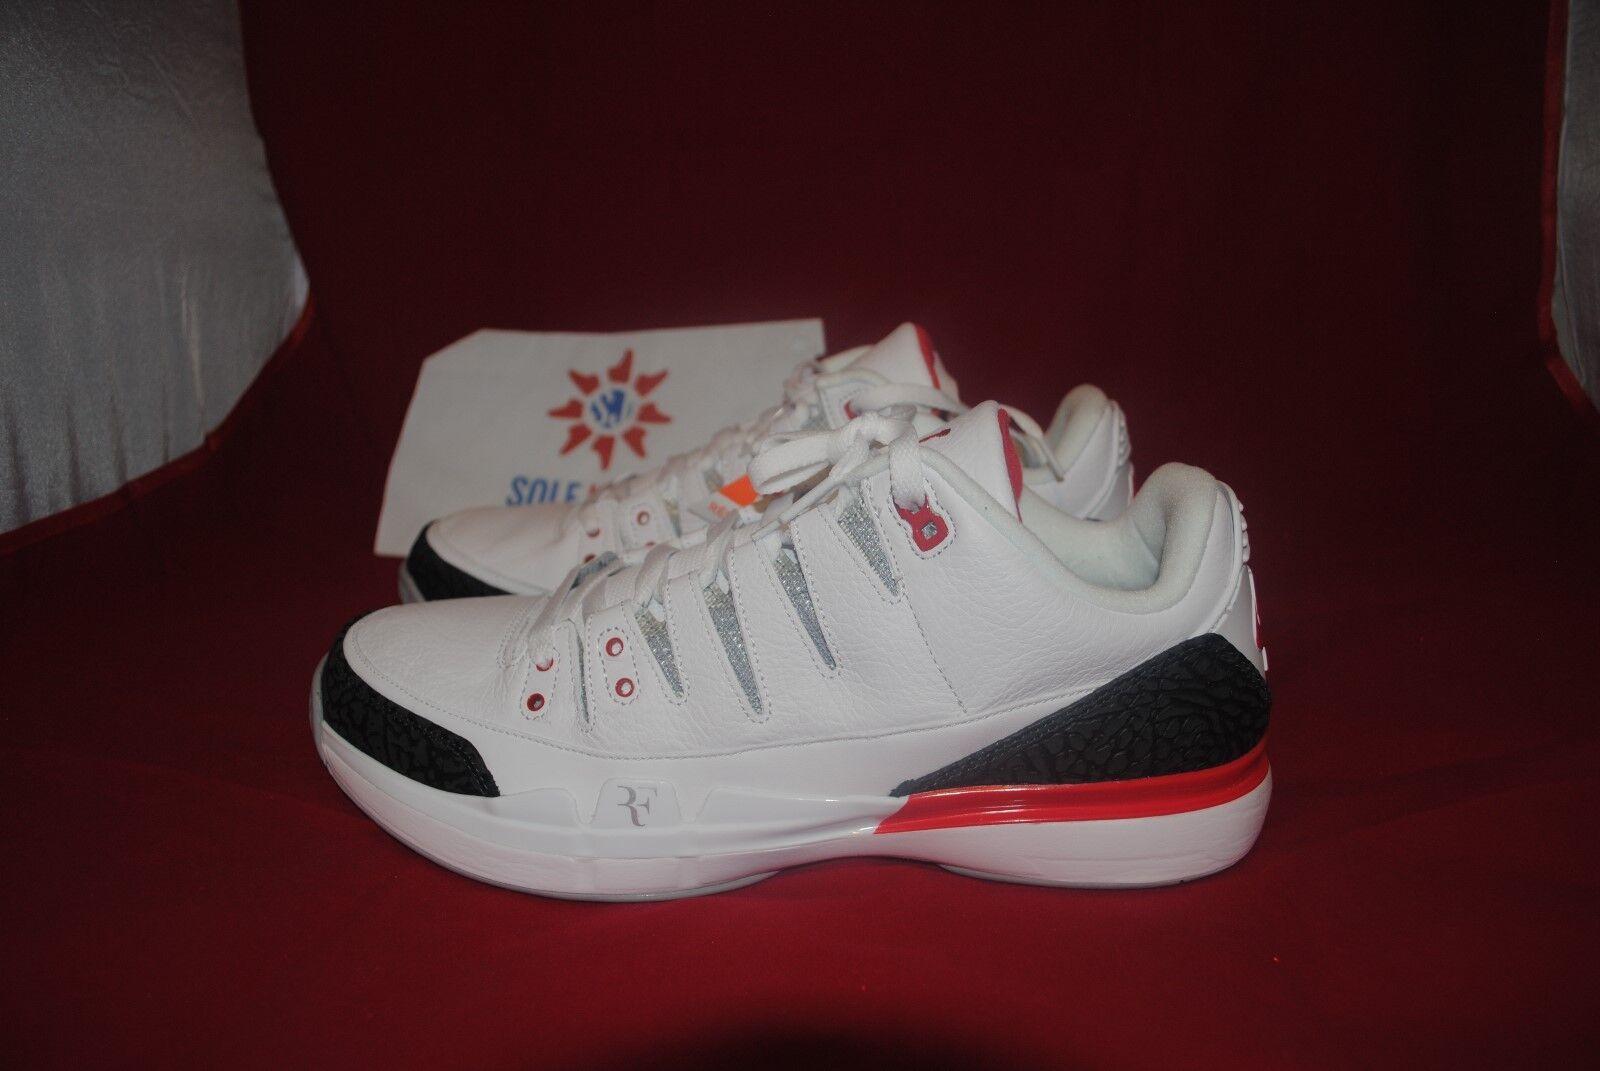 Nike Air Jordan Zoom Vapor RF SZ:8-13 Fire Red 3 Roger Federer  709998-106